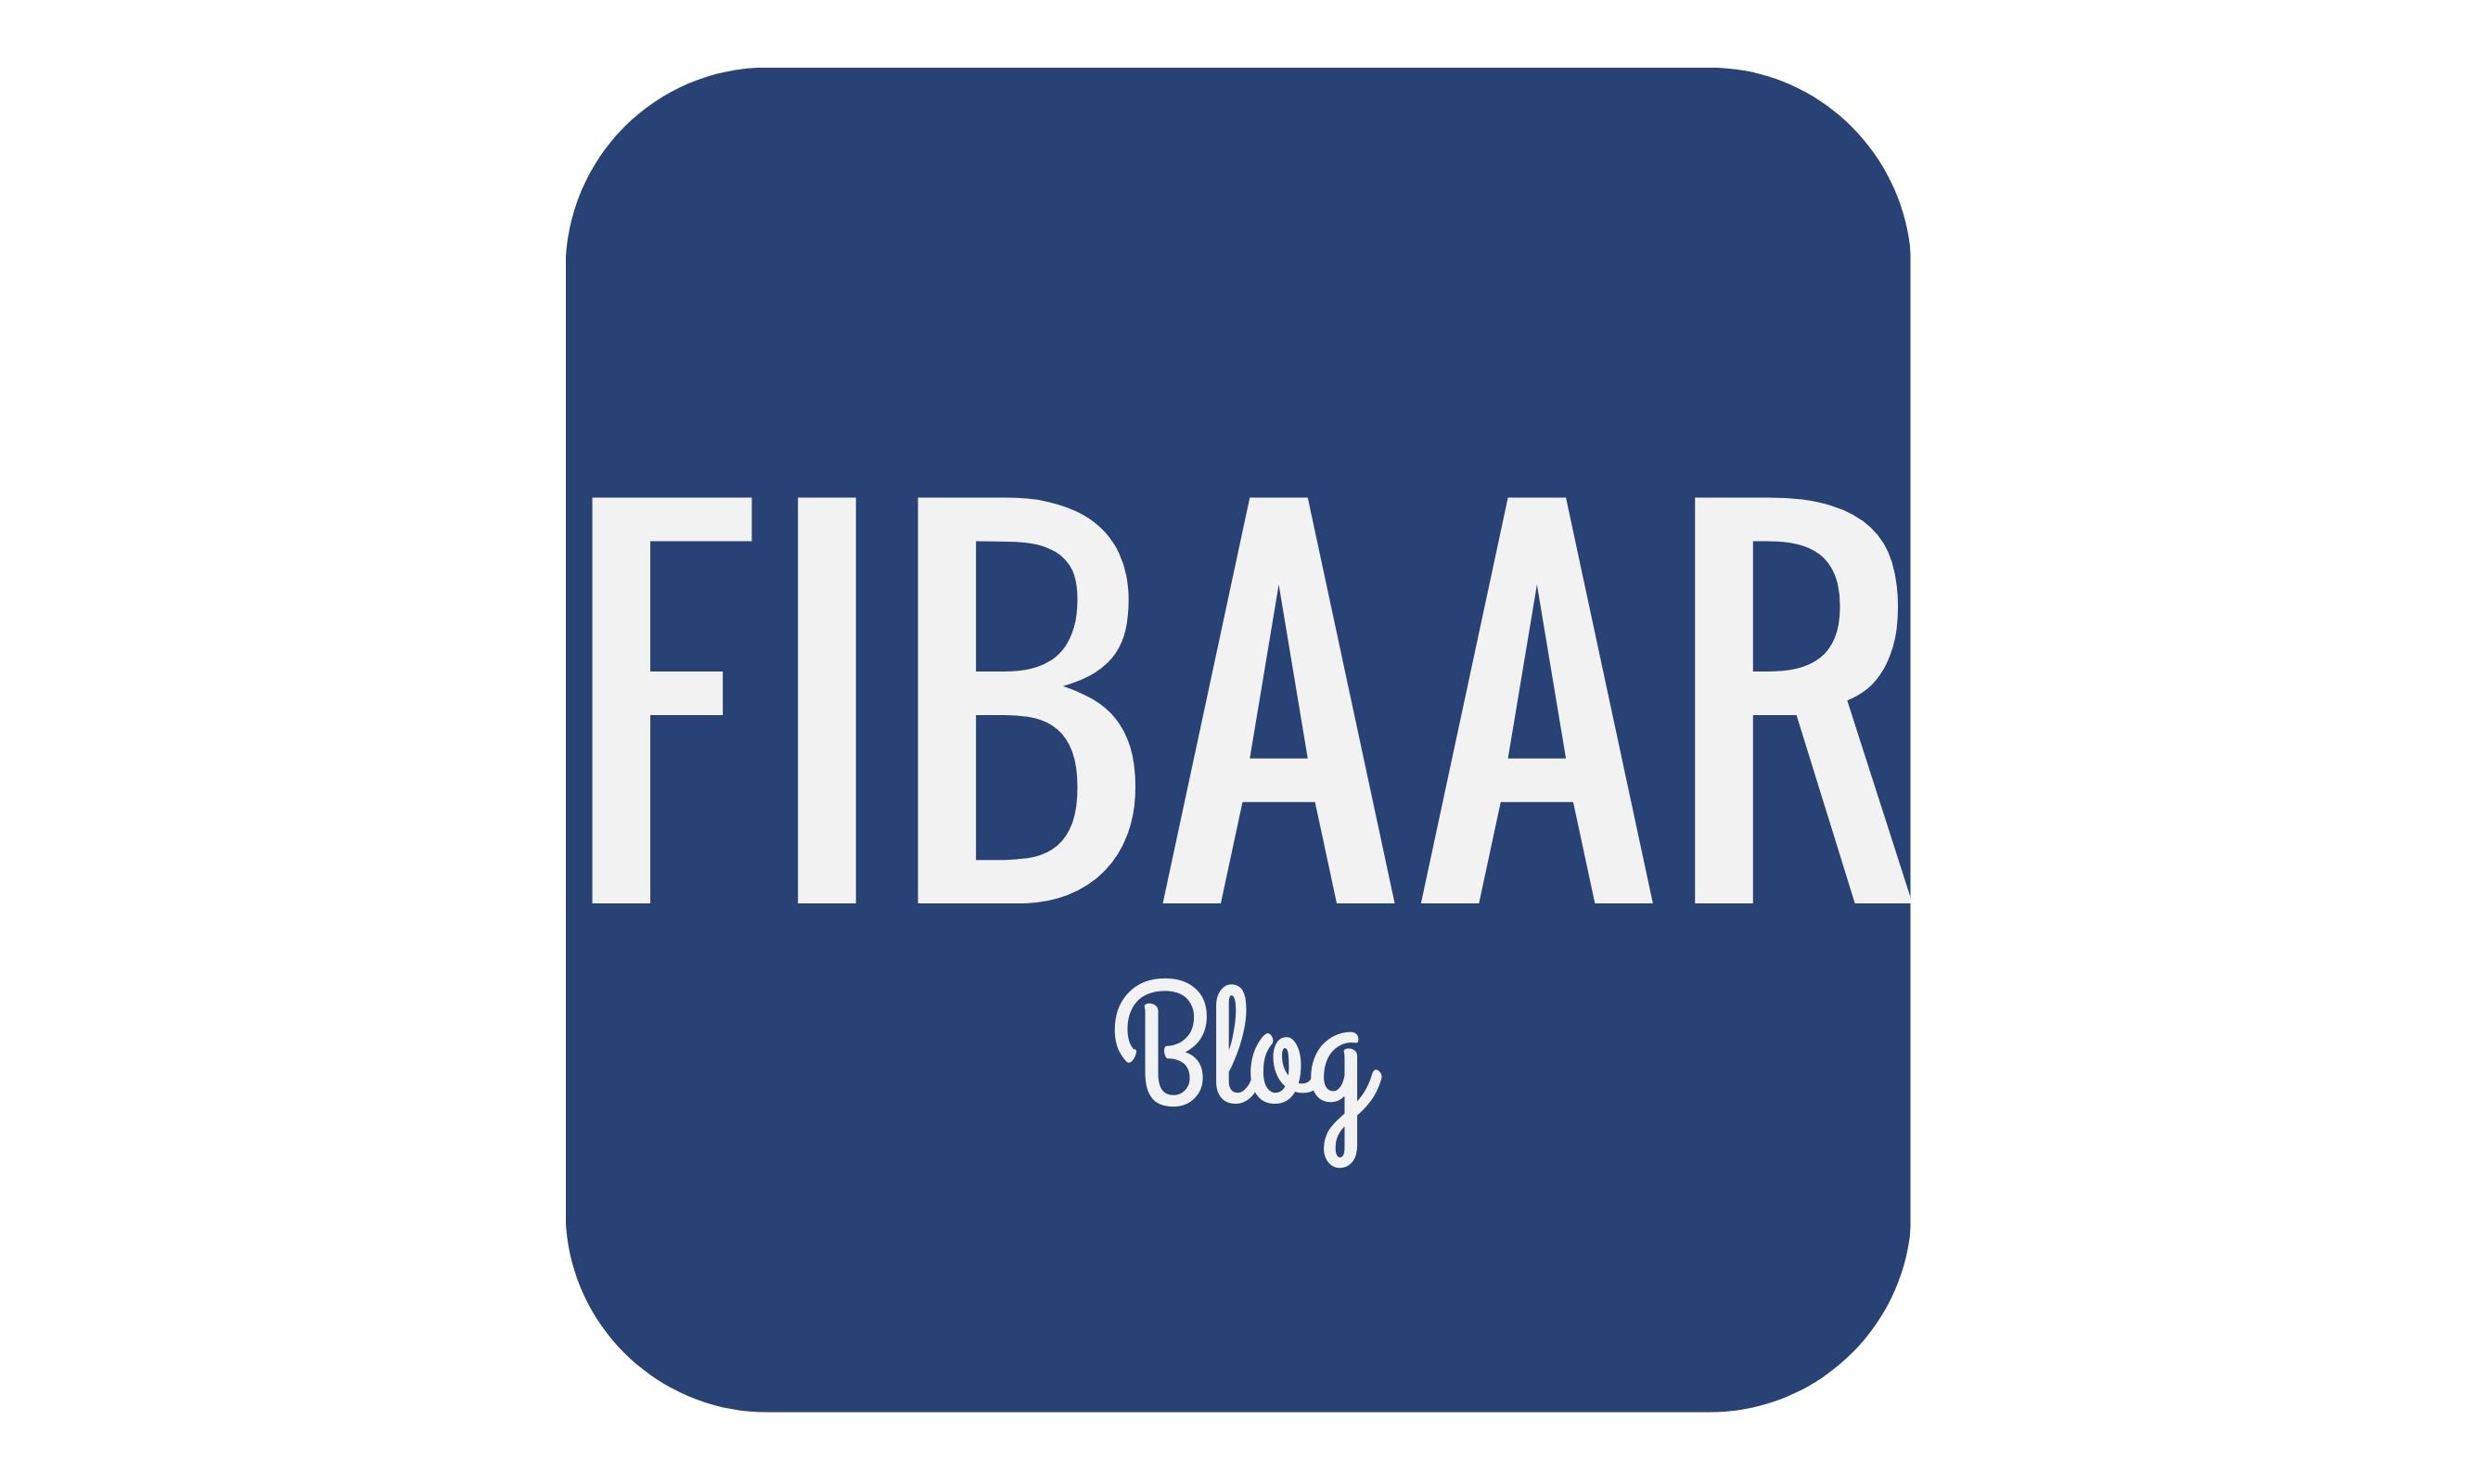 FIBAAR